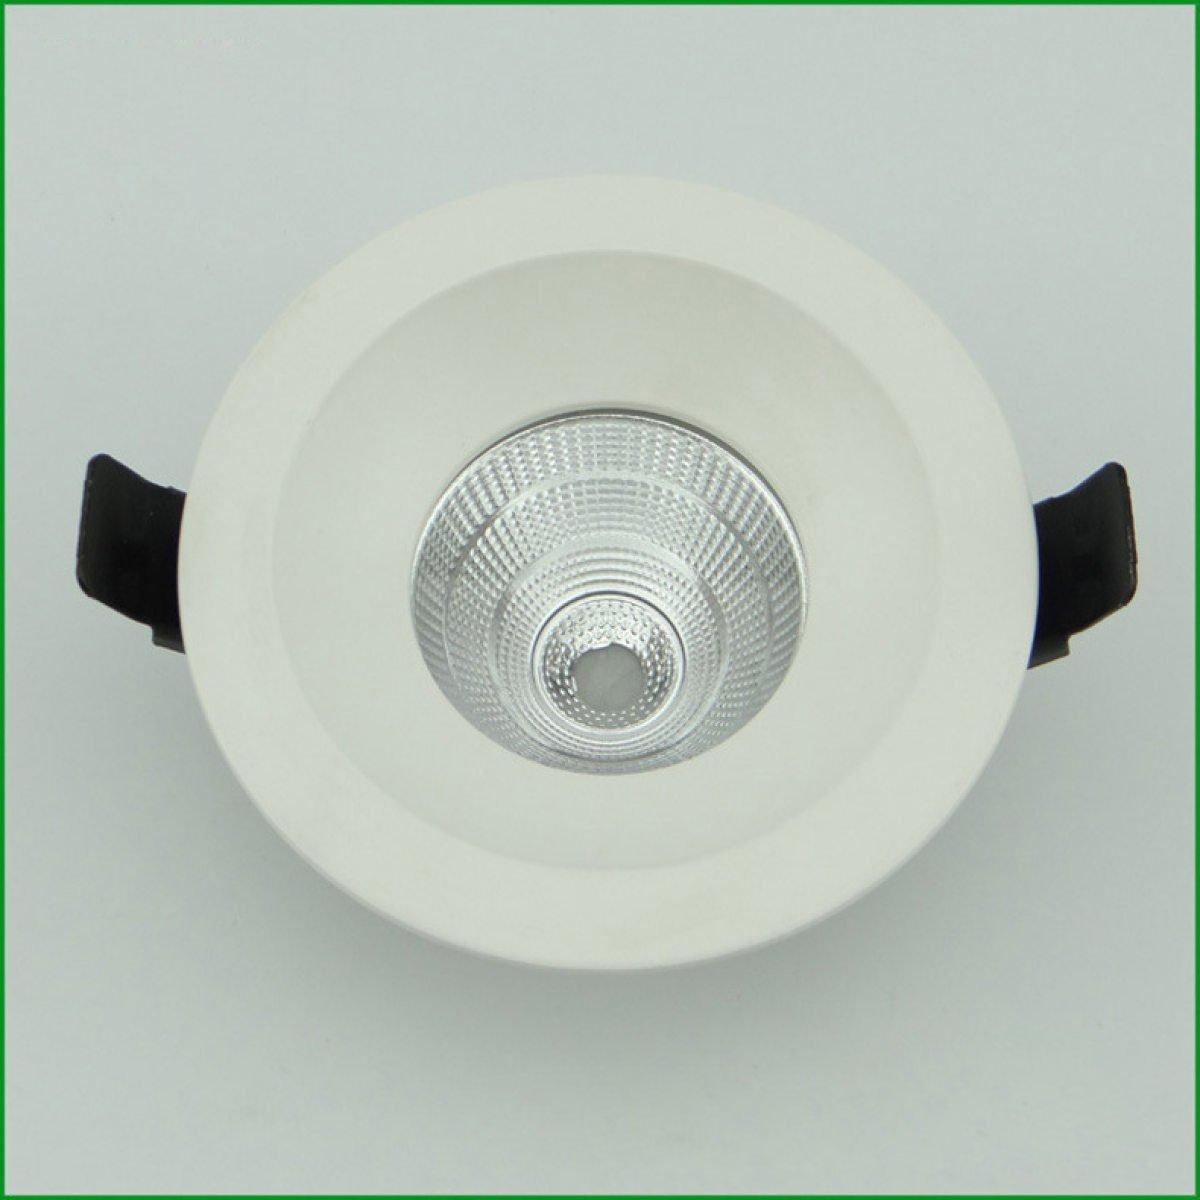 Casting COB-LED-Lampe Einbauleuchten Home Hotel Kommerzielle ...